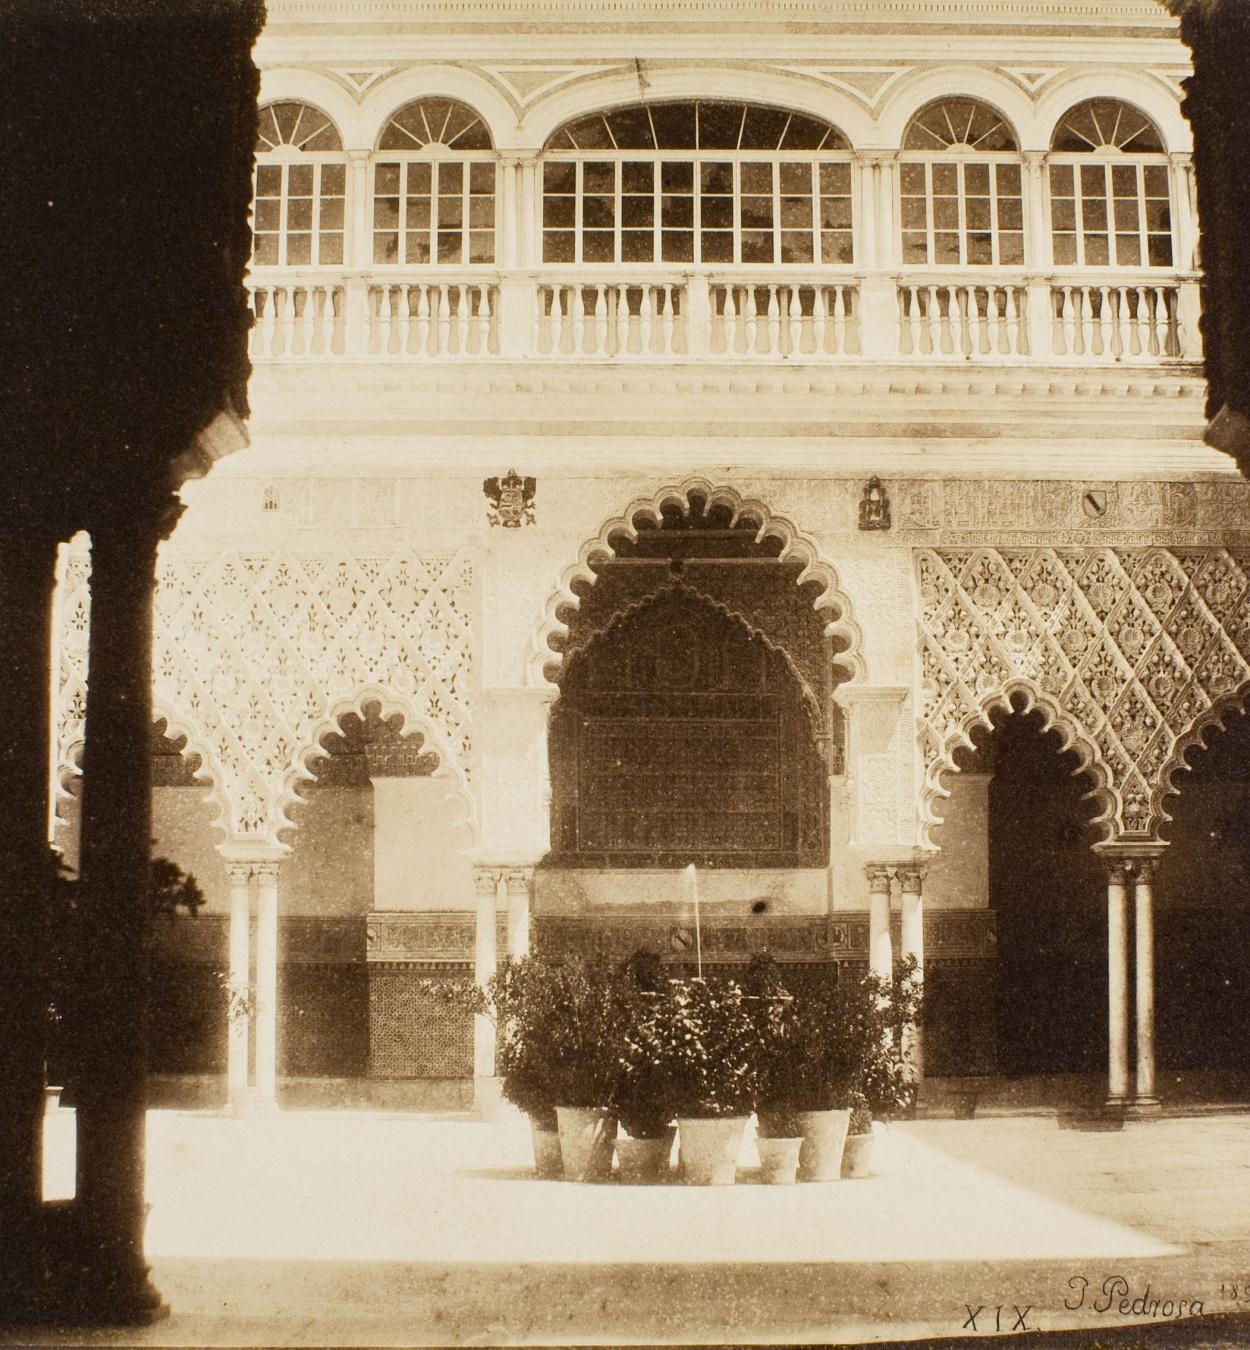 Joaquim Pedrosa - Alcázar de Sevilla. Patio de las doncellas - 1857